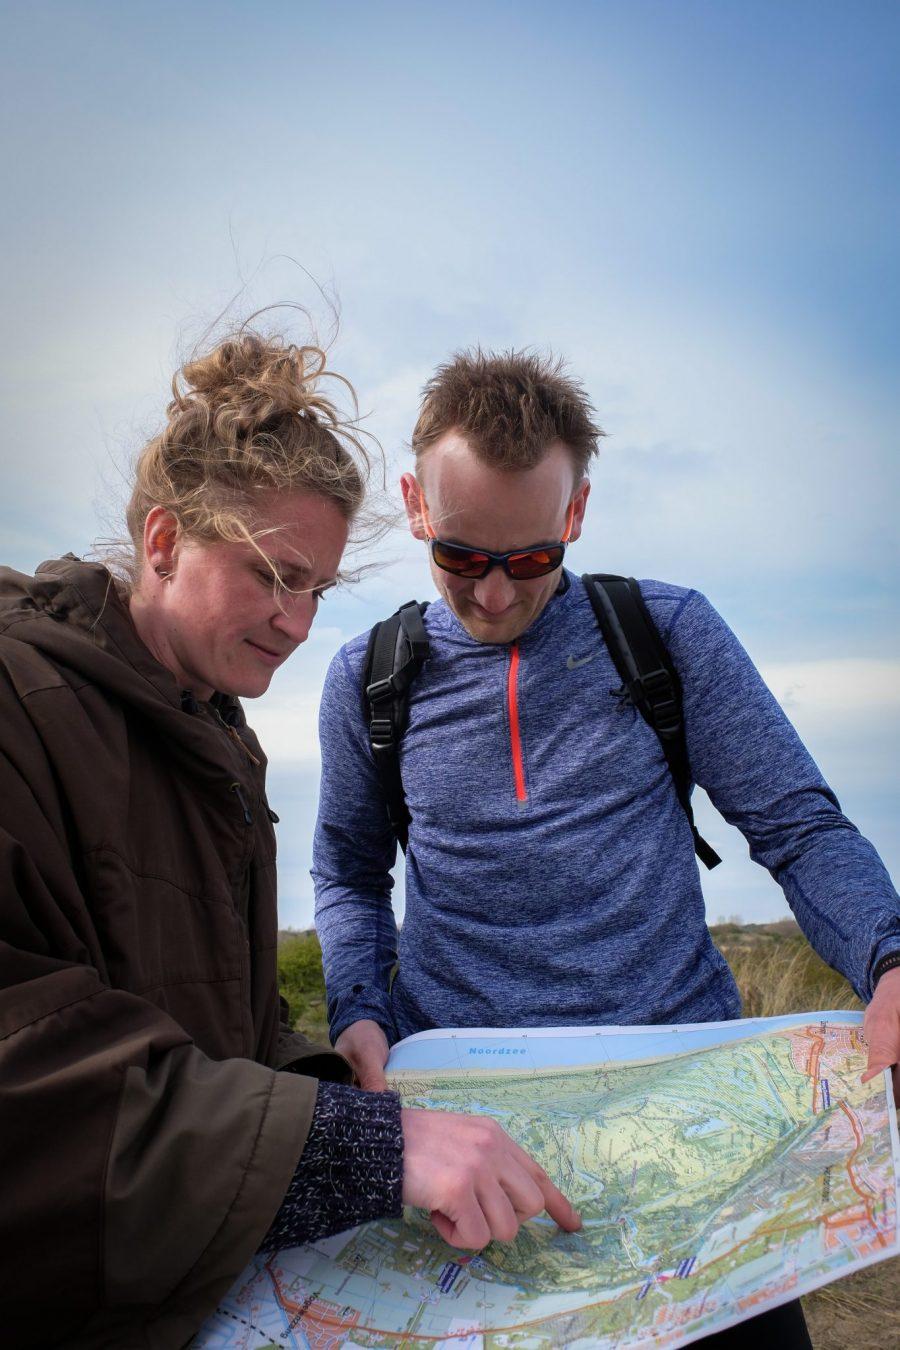 Samen met Jeroen op de kaart kijken   Navigeren kun je leren